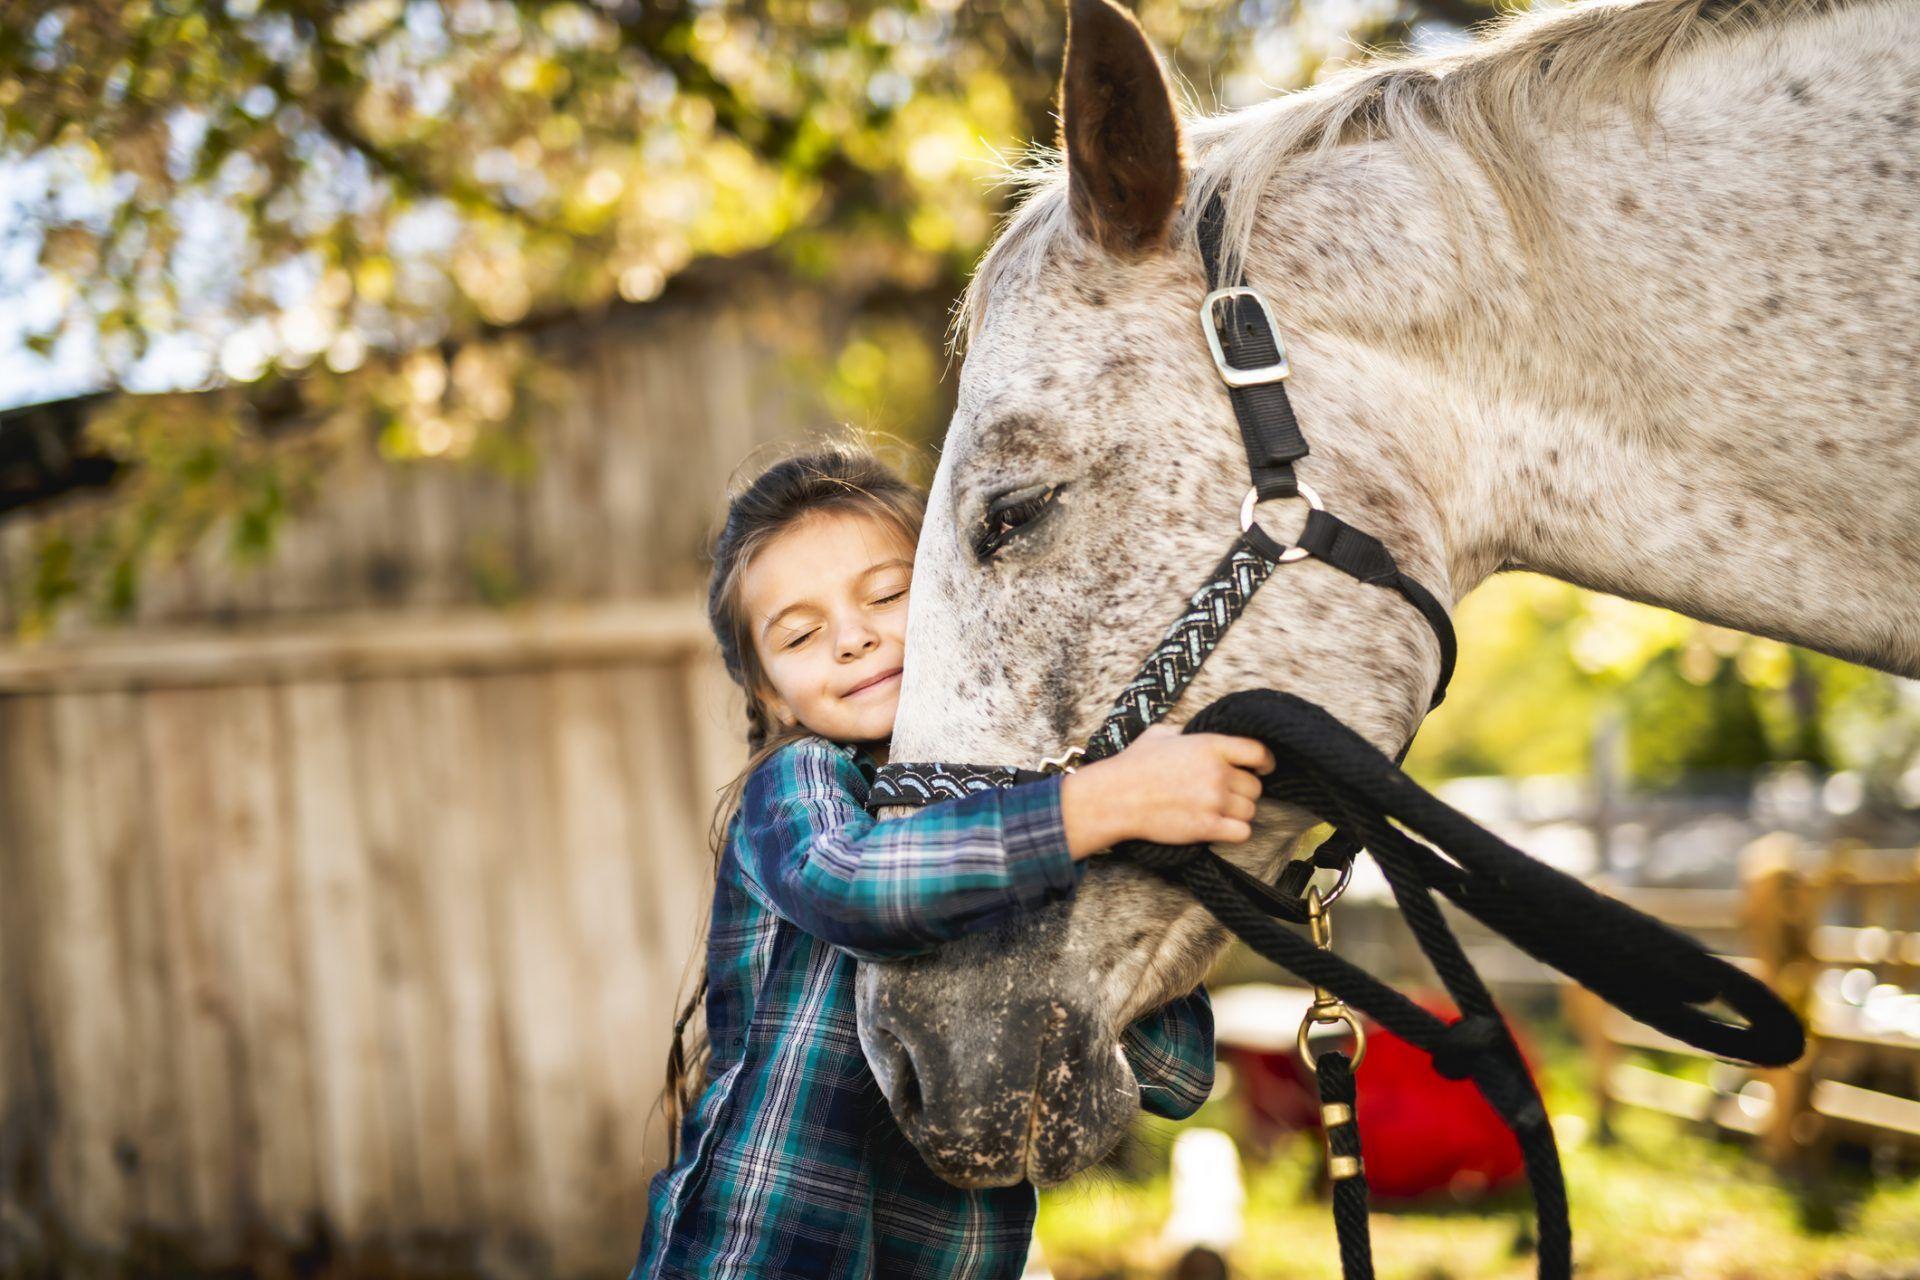 Equinoterapia: beneficio del uso de caballos para fines terapéuticos